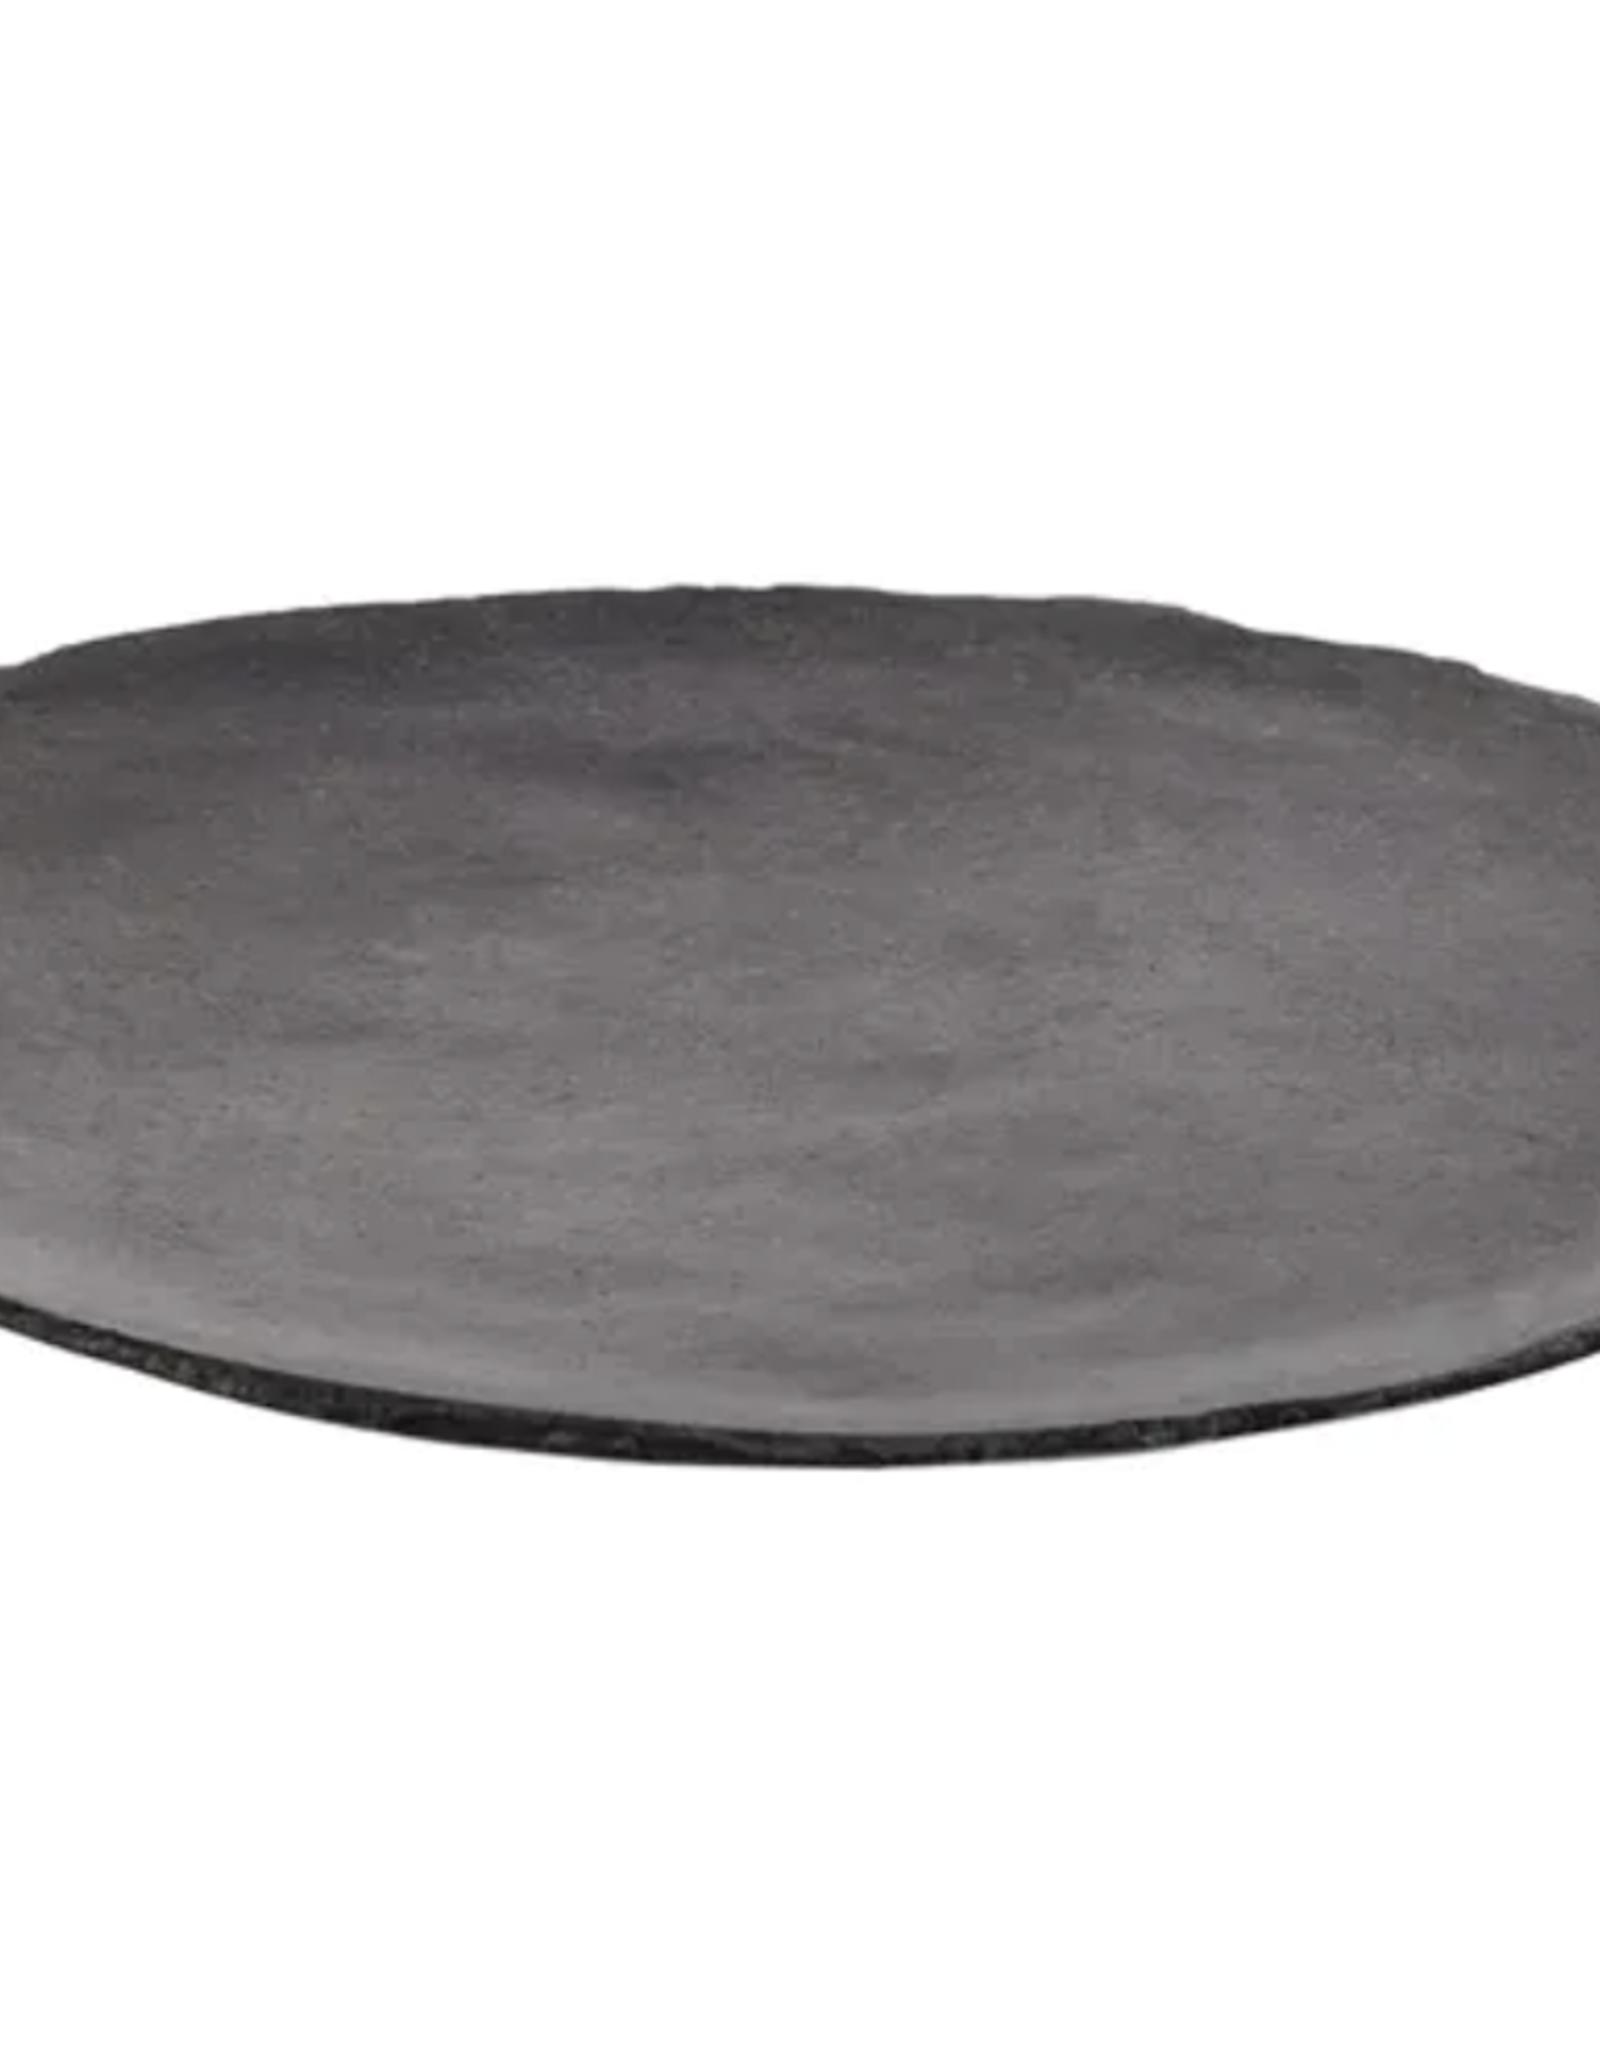 Stoneshard Plate - 11.8 Dia